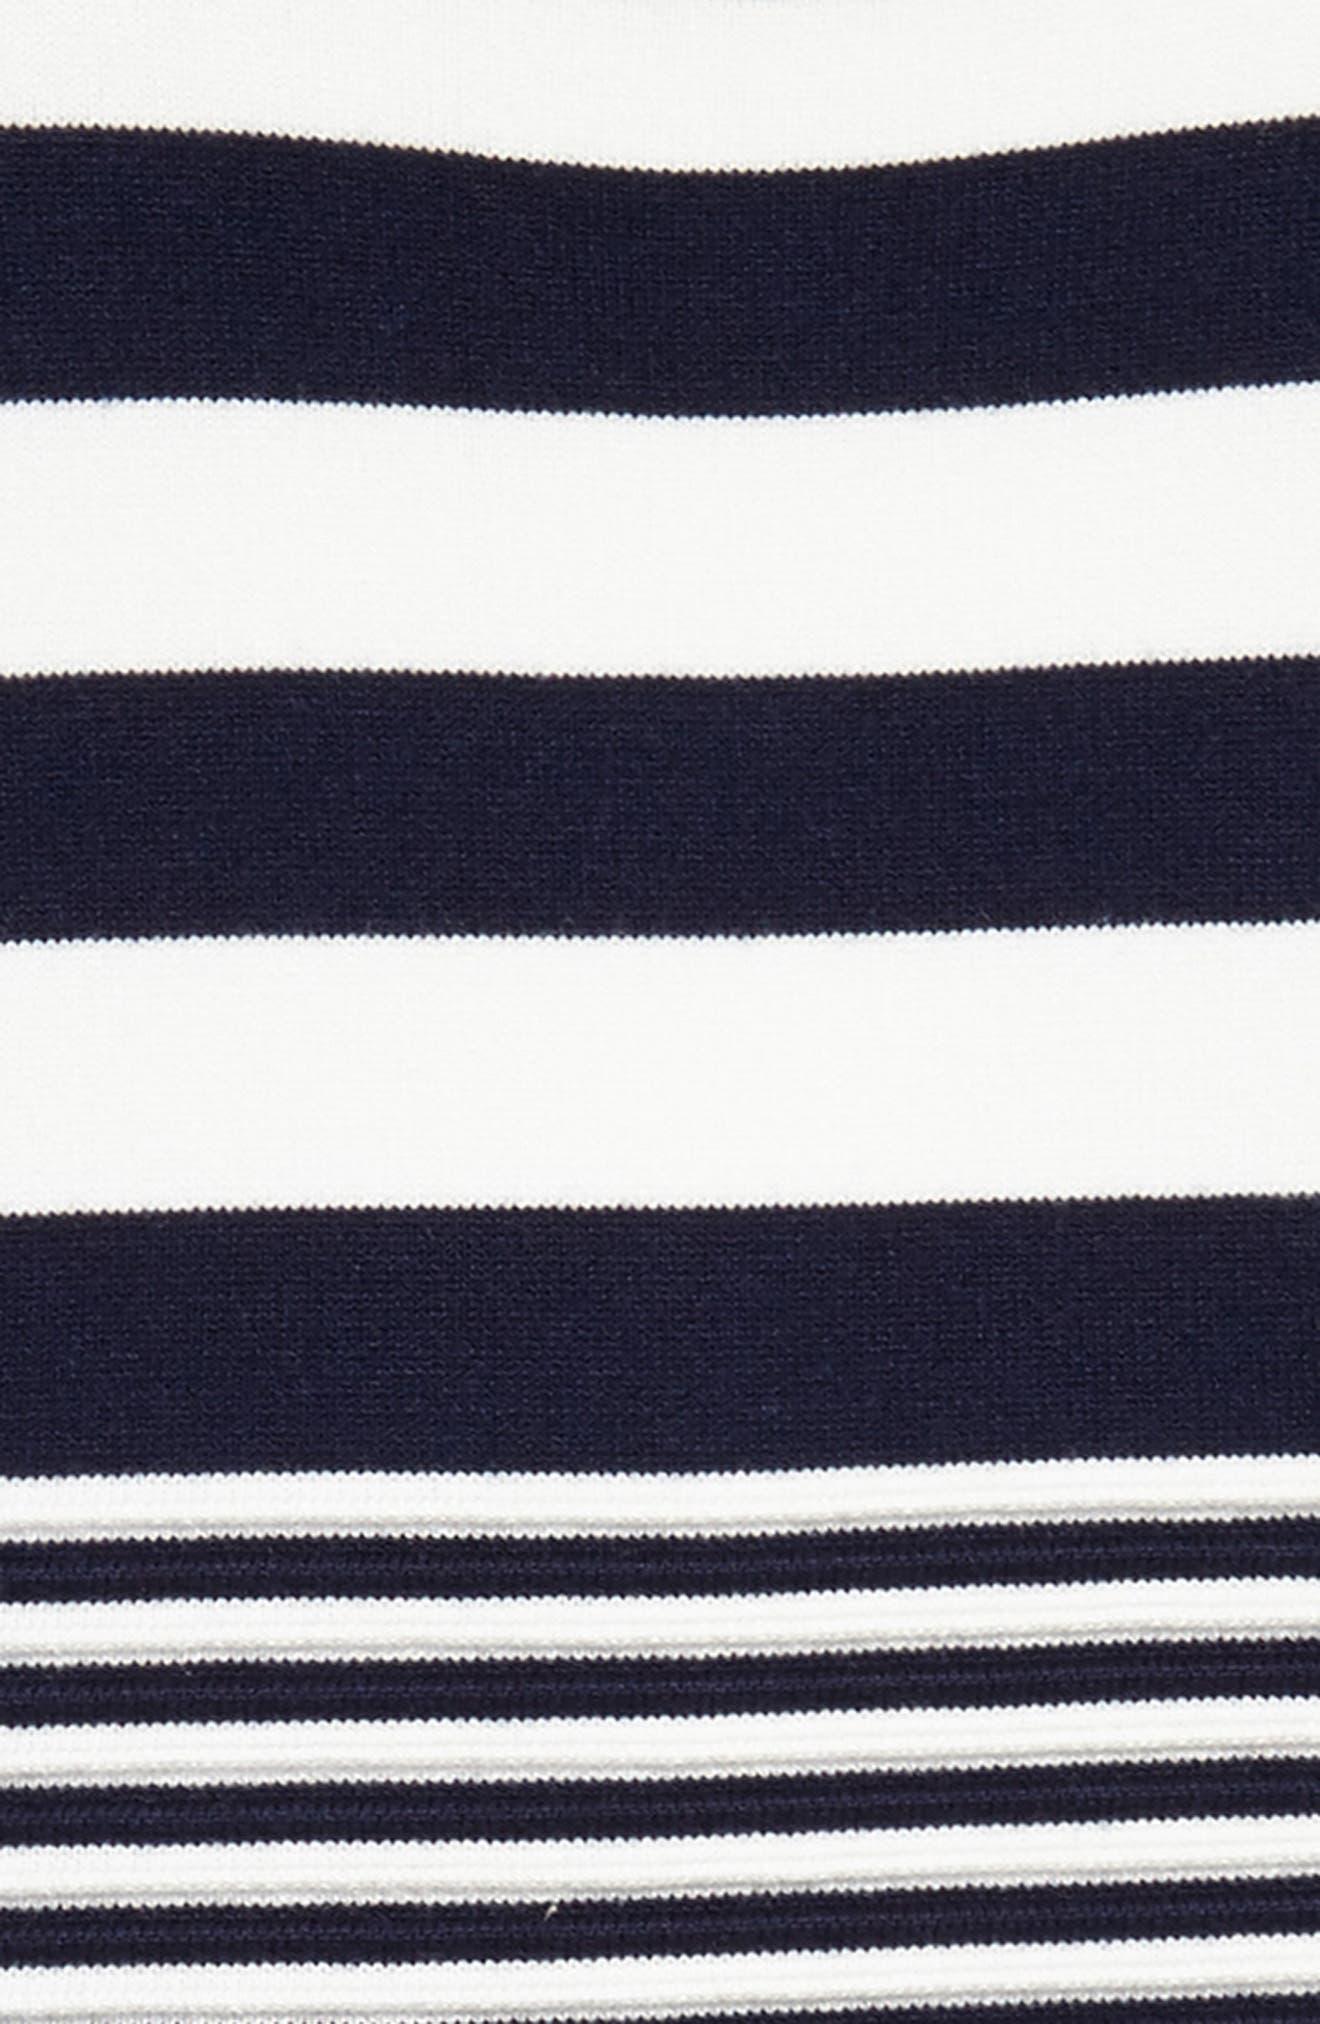 Stripe Sleeveless Dress,                             Alternate thumbnail 3, color,                             155